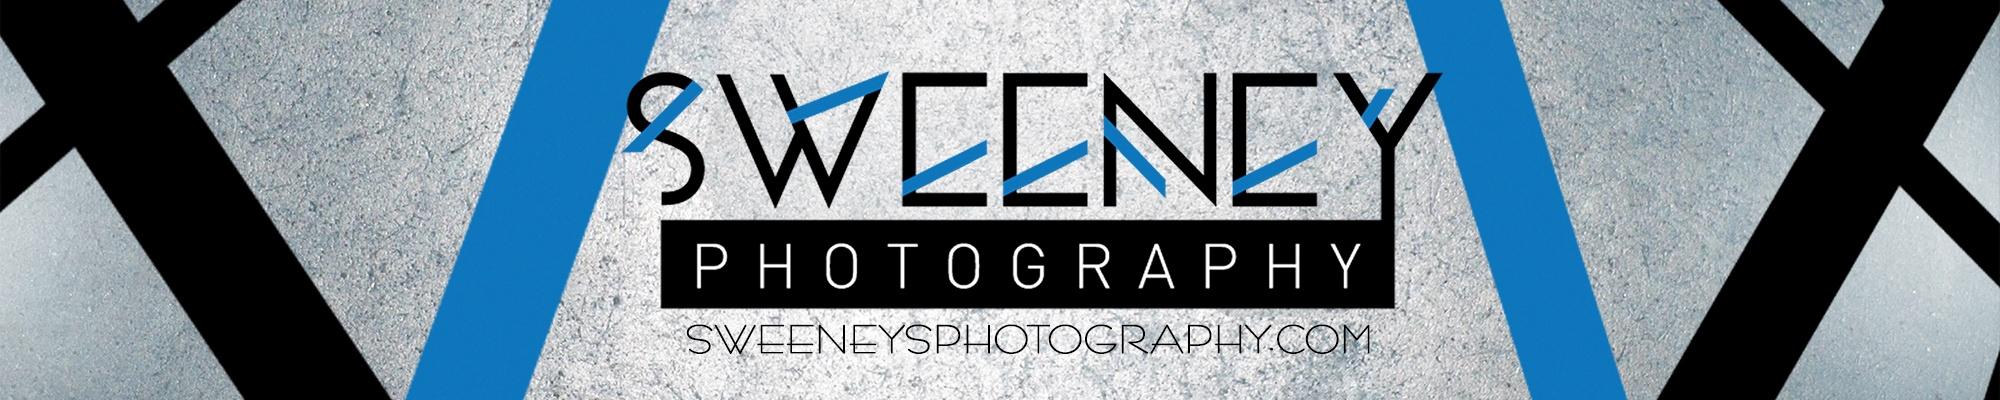 sweeneysphotography Cover